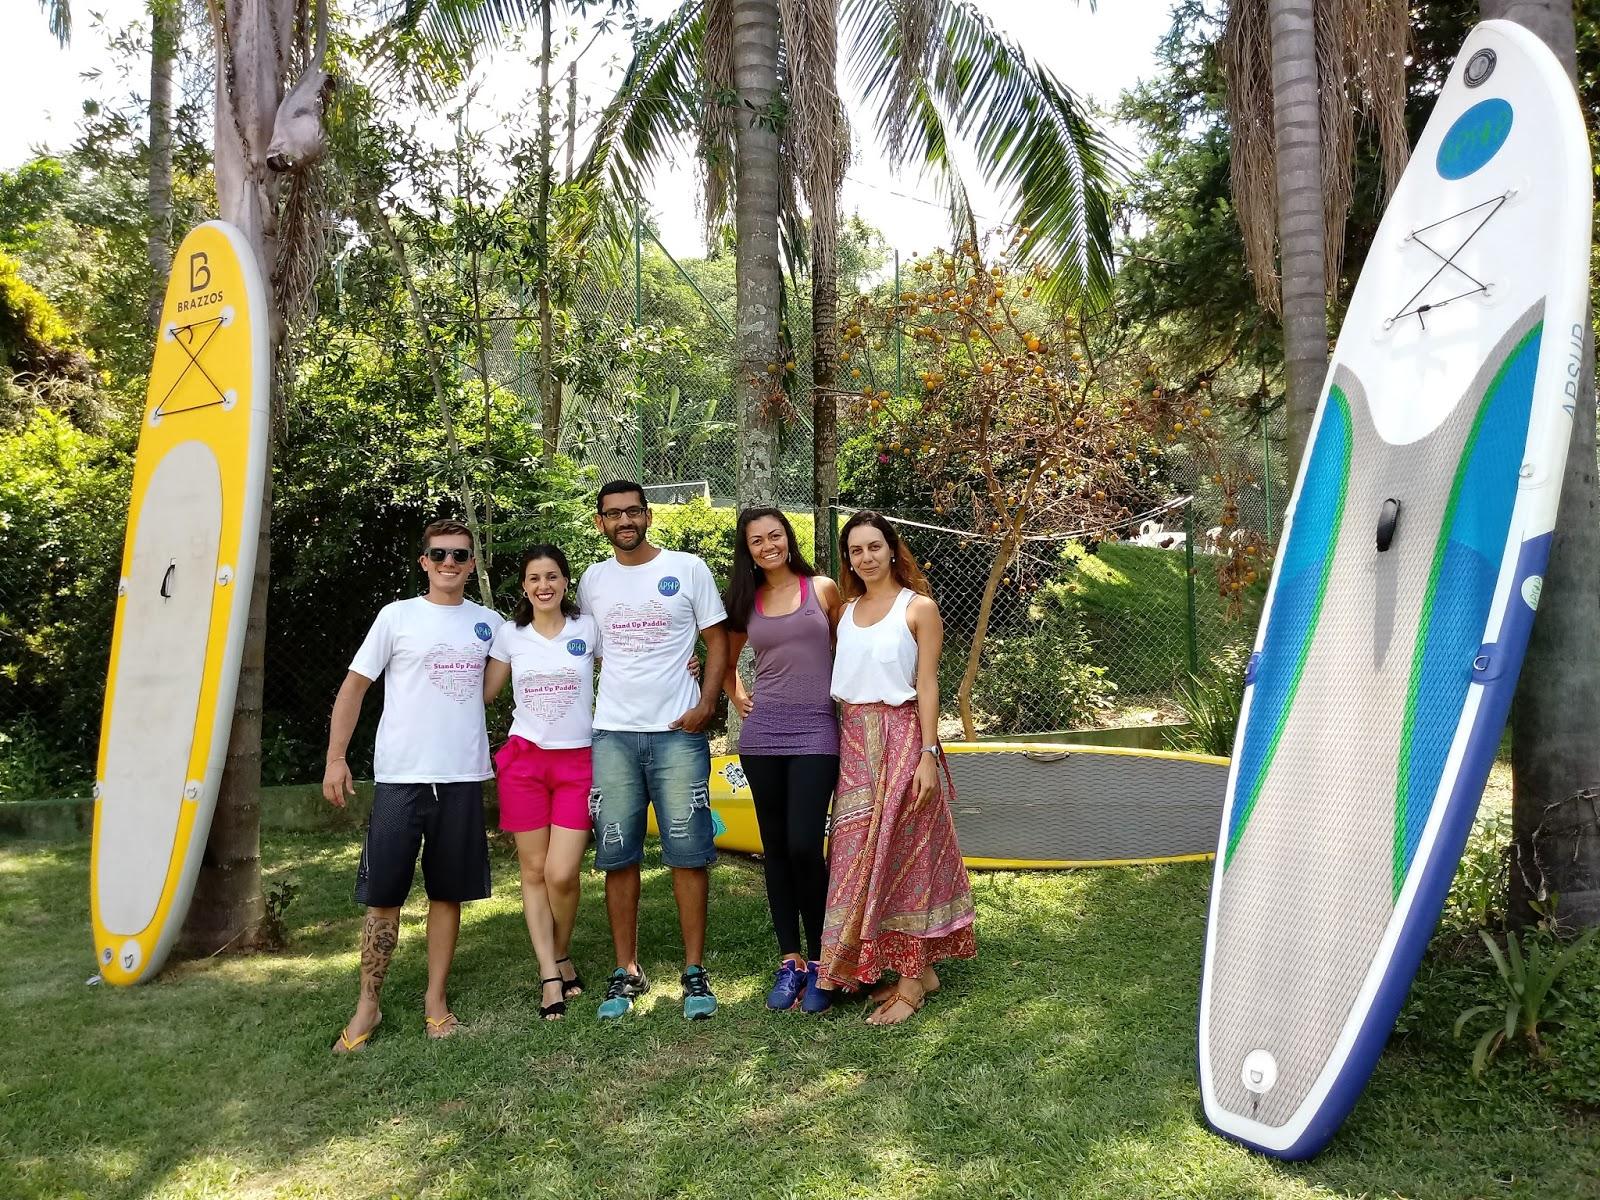 49d280e6b Foi inaugurado este mês a sede da Academia Paulista de Stand Up Paddle que  fica em um complexo de área verde com lago